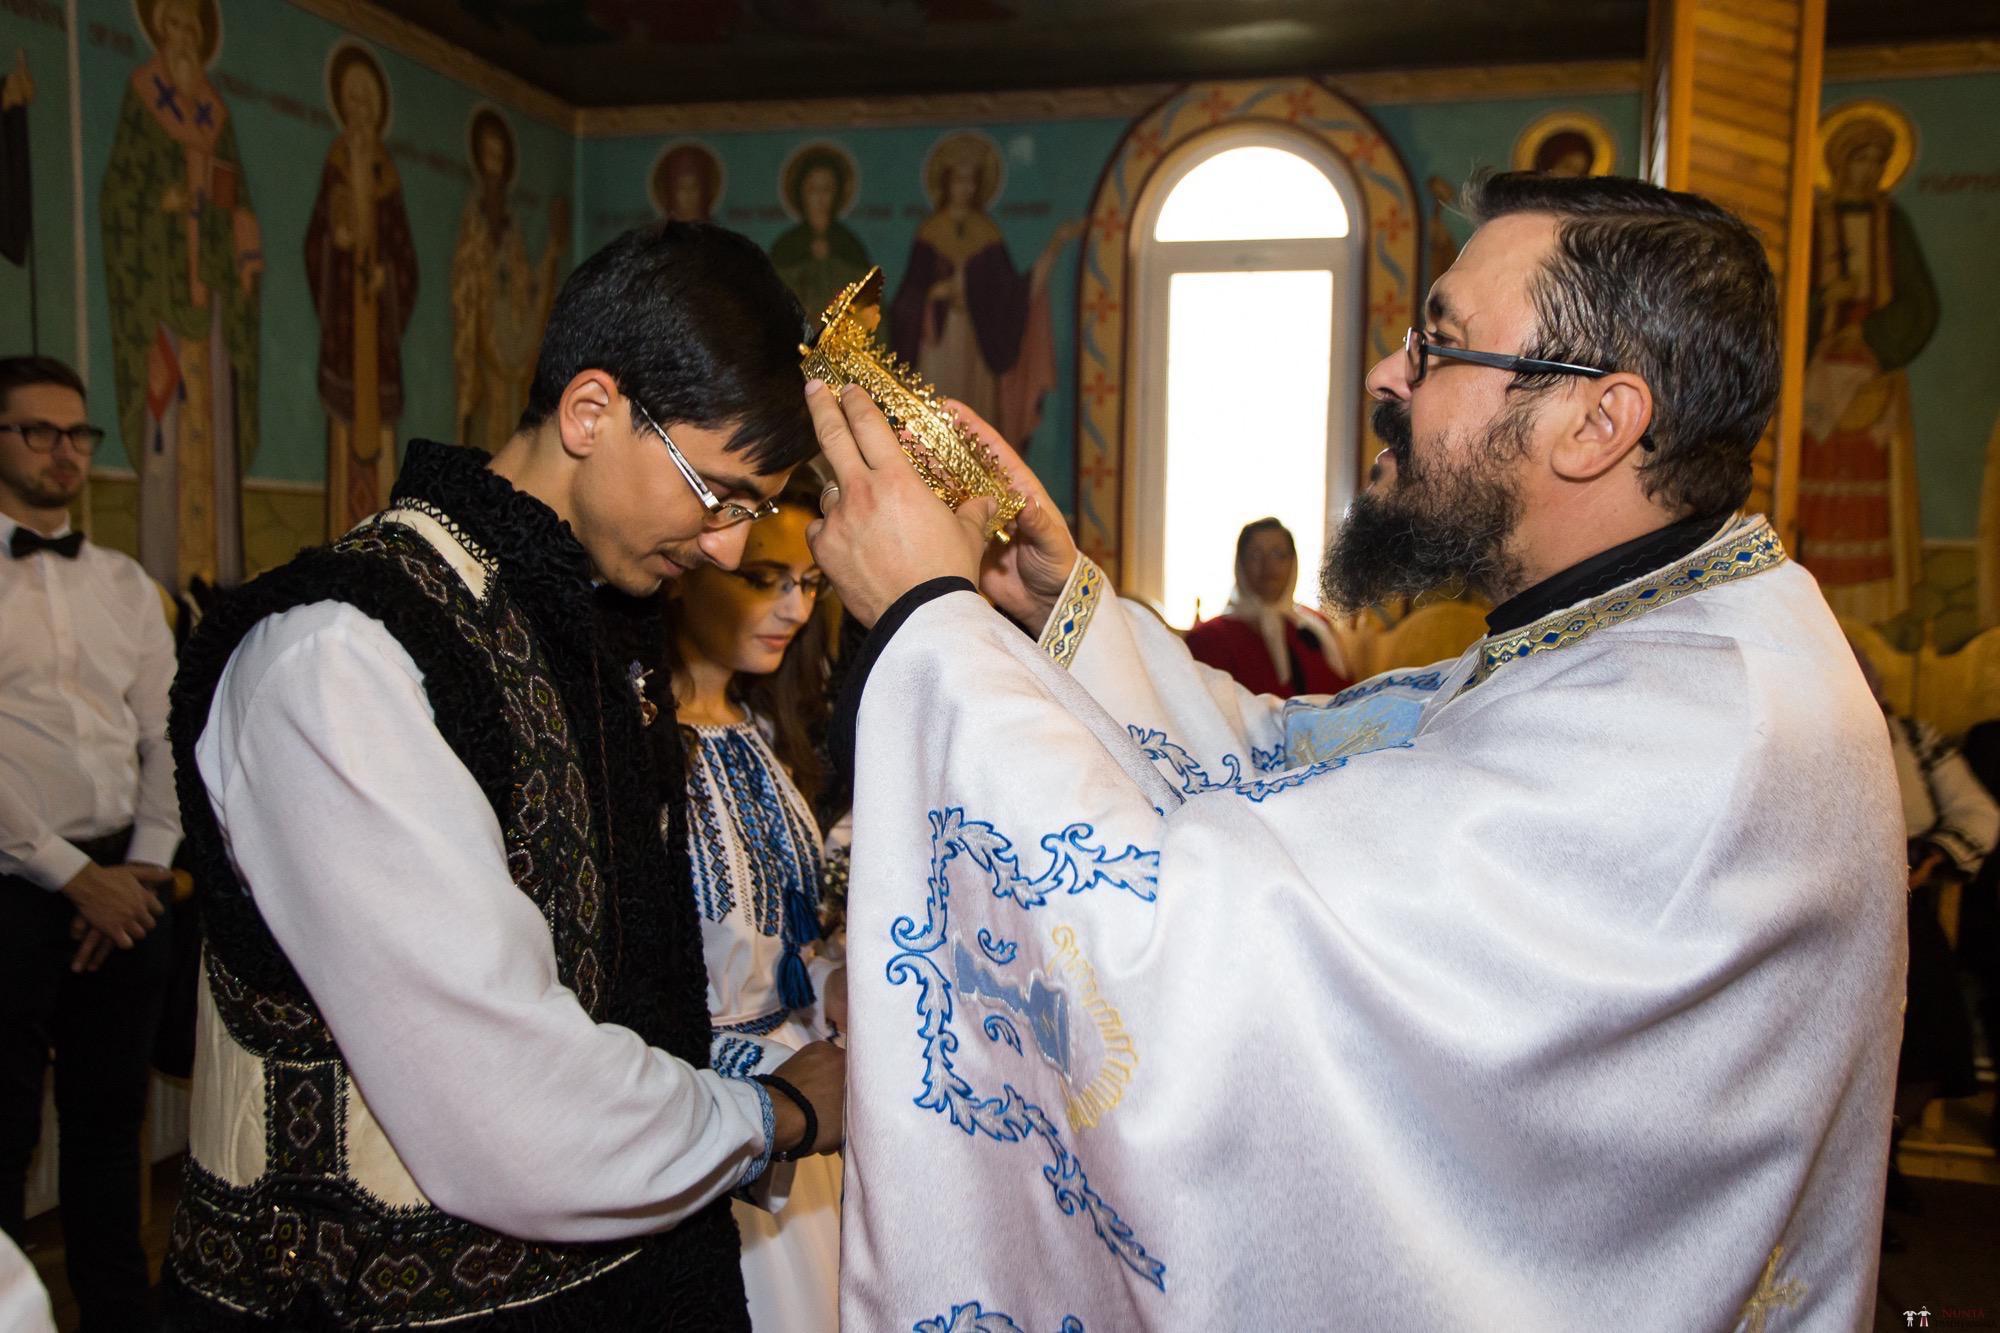 Povești Nunți Tradiționale - Ioana-Alexandra și Bogdan-Vasile. Nuntă tradițională în Fălticeni 11